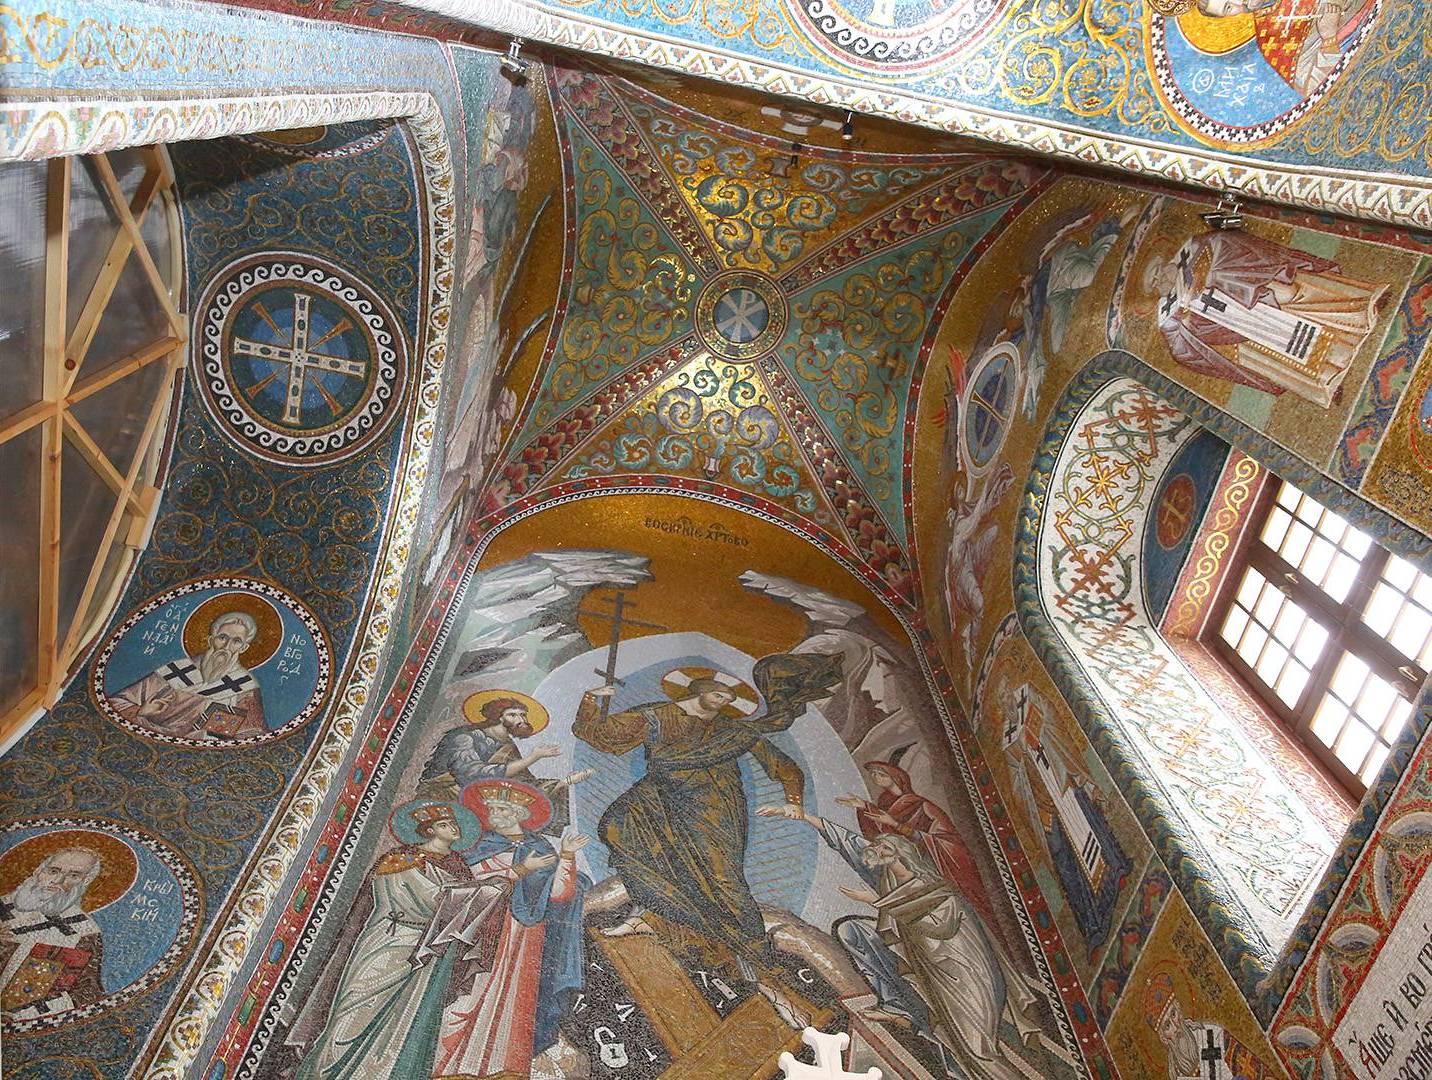 В верхнем храме Благовещенского собора Дивеевского монастыря продолжаются работы по монтажу мозаичных фресок